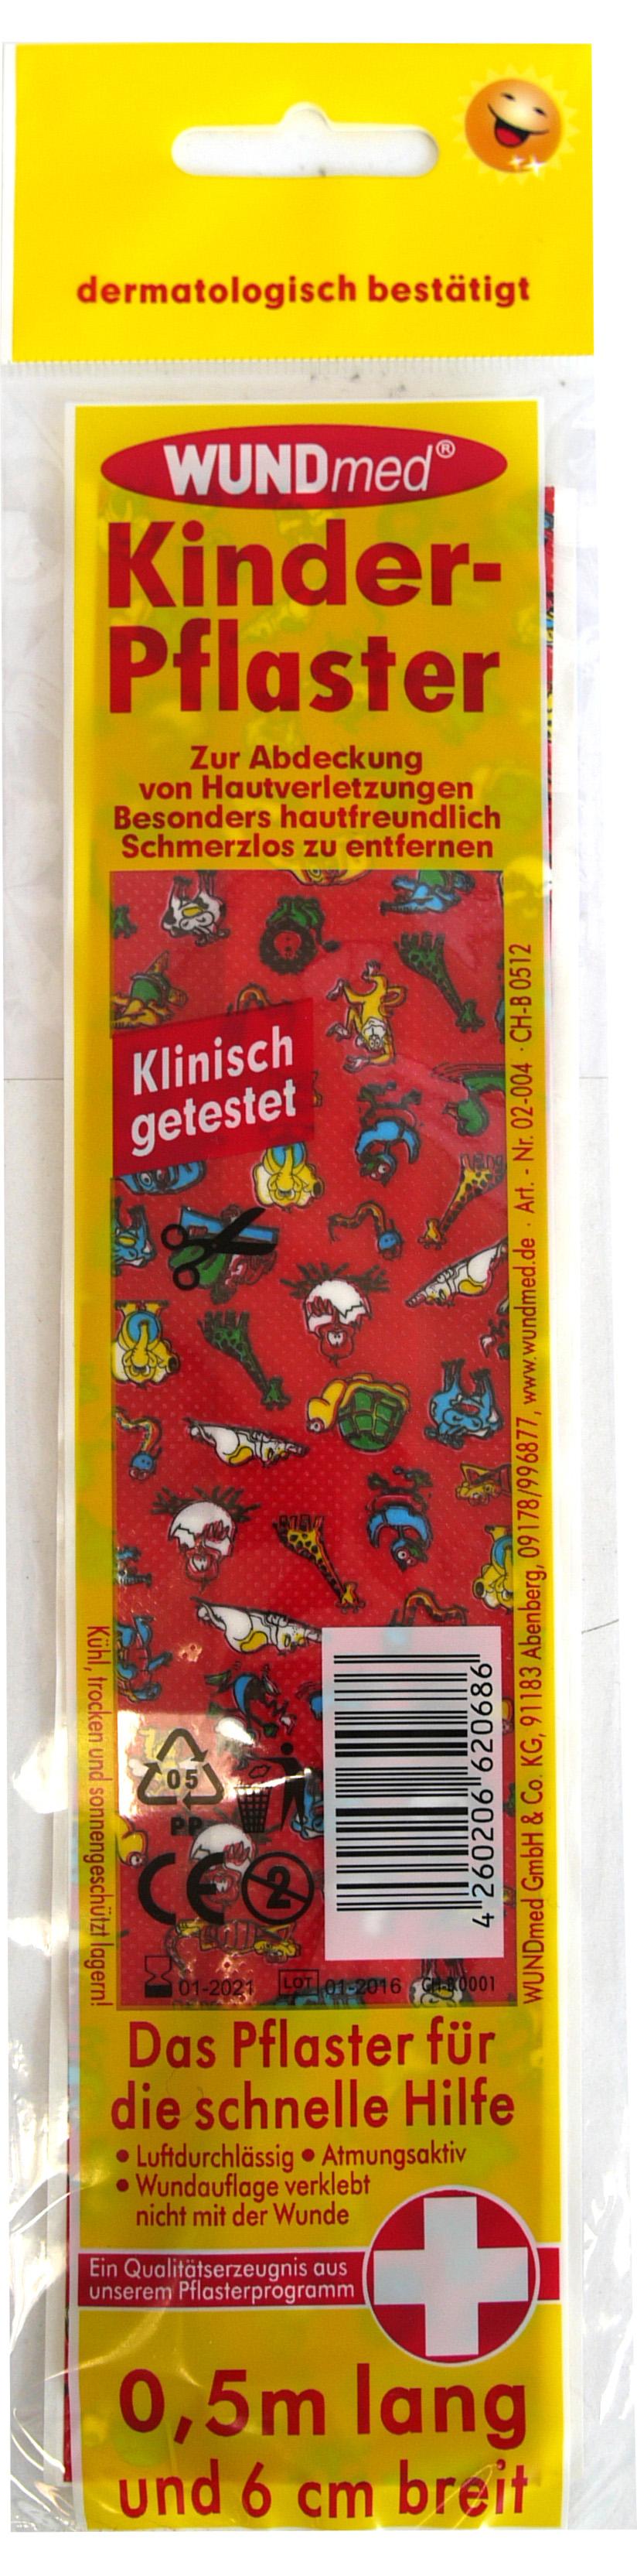 01791 - Kinderpflaster 0,5m x 6cm, sortiert